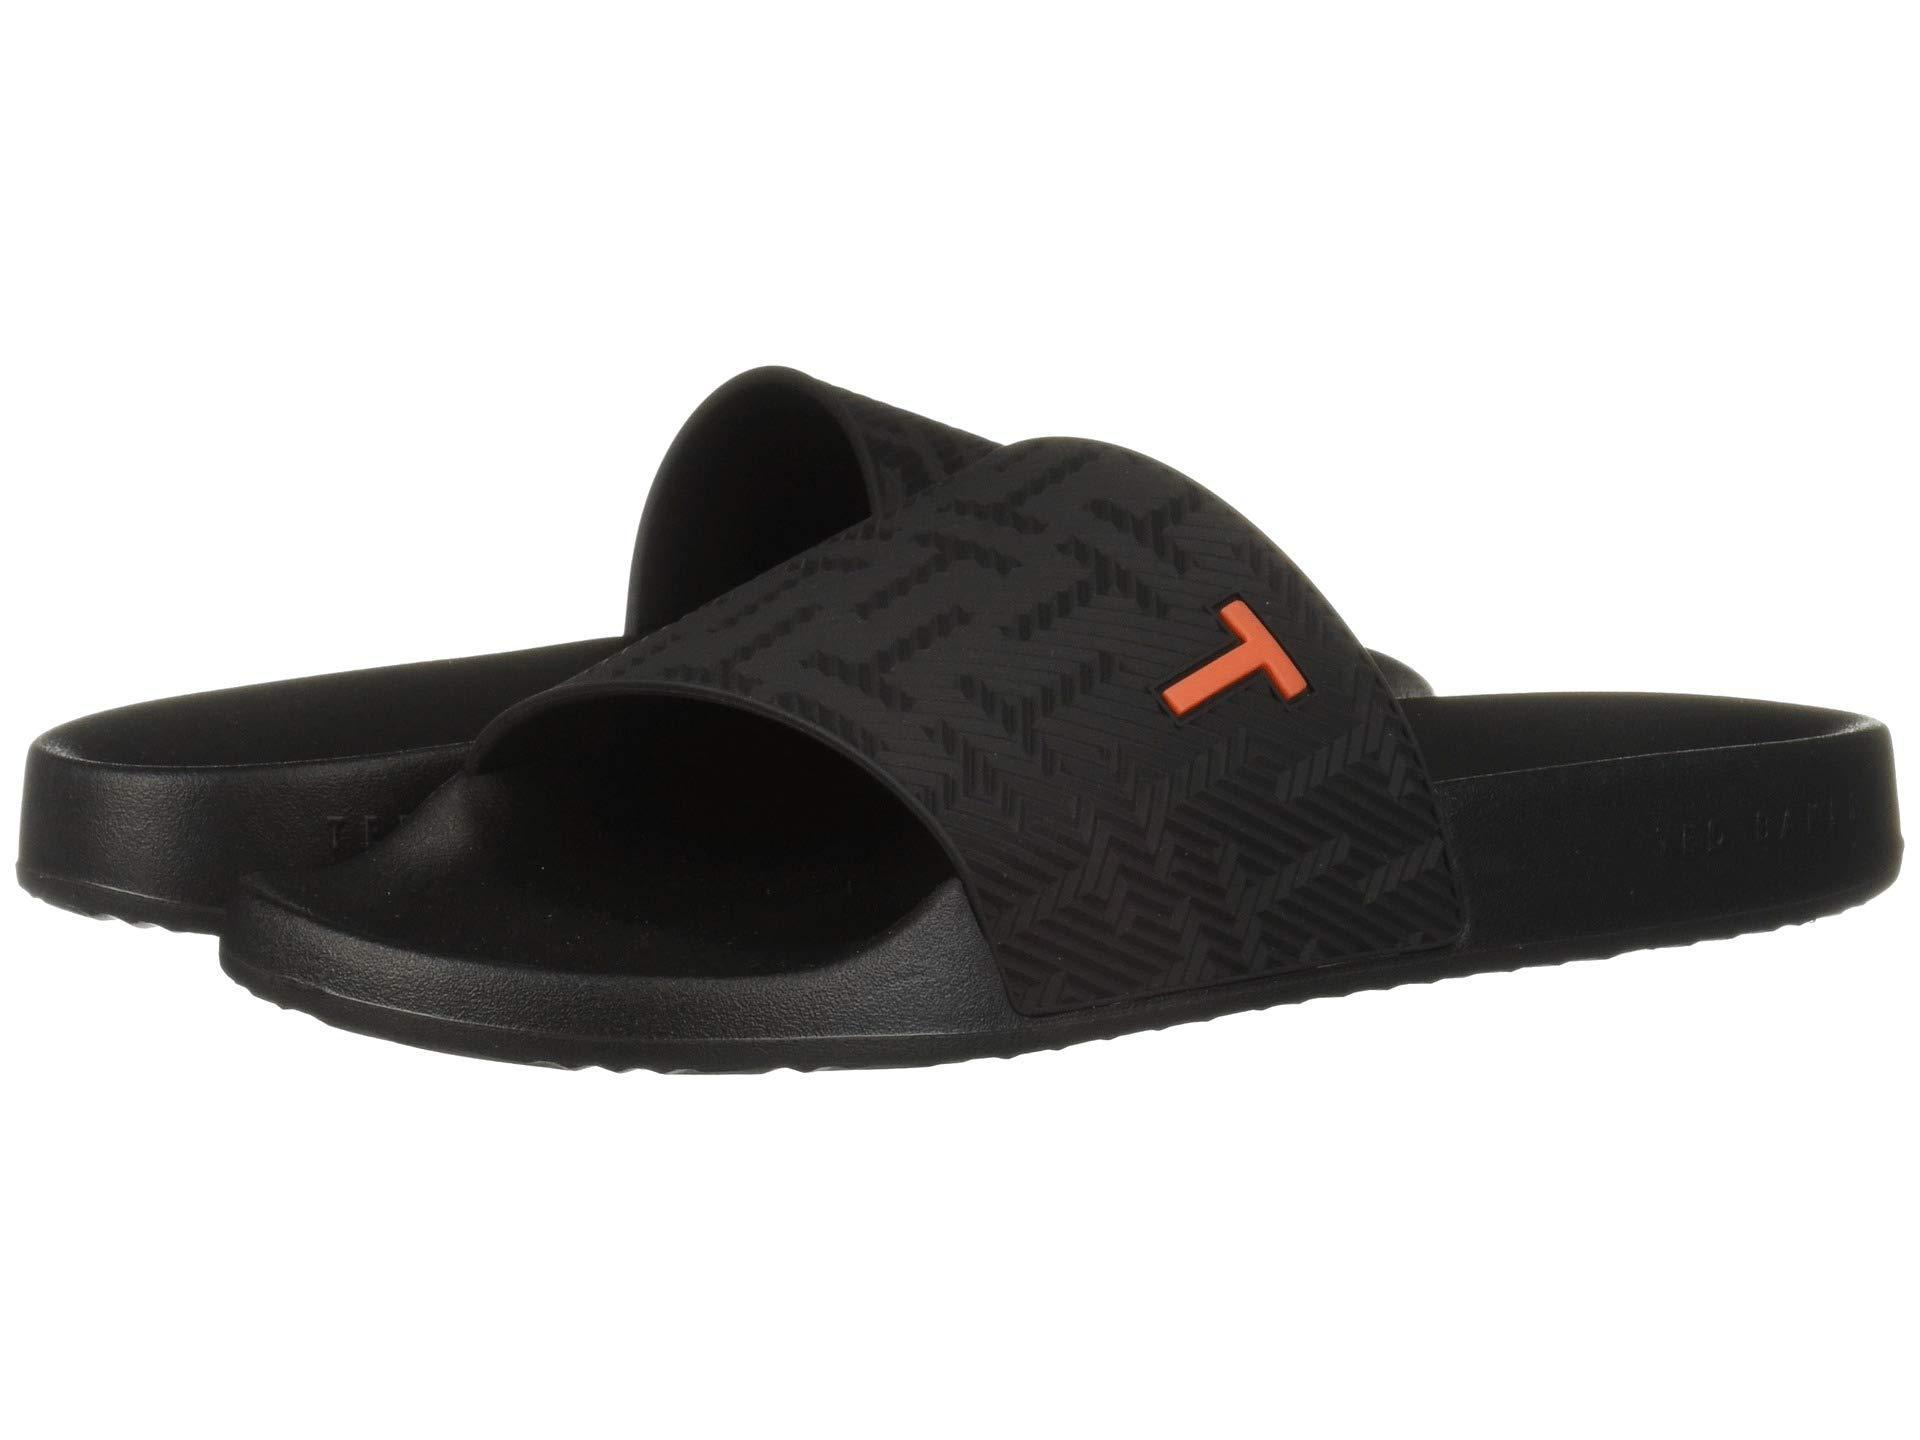 1b924dcd9 Lyst - Ted Baker Mastal (black) Men s Sandals in Black for Men